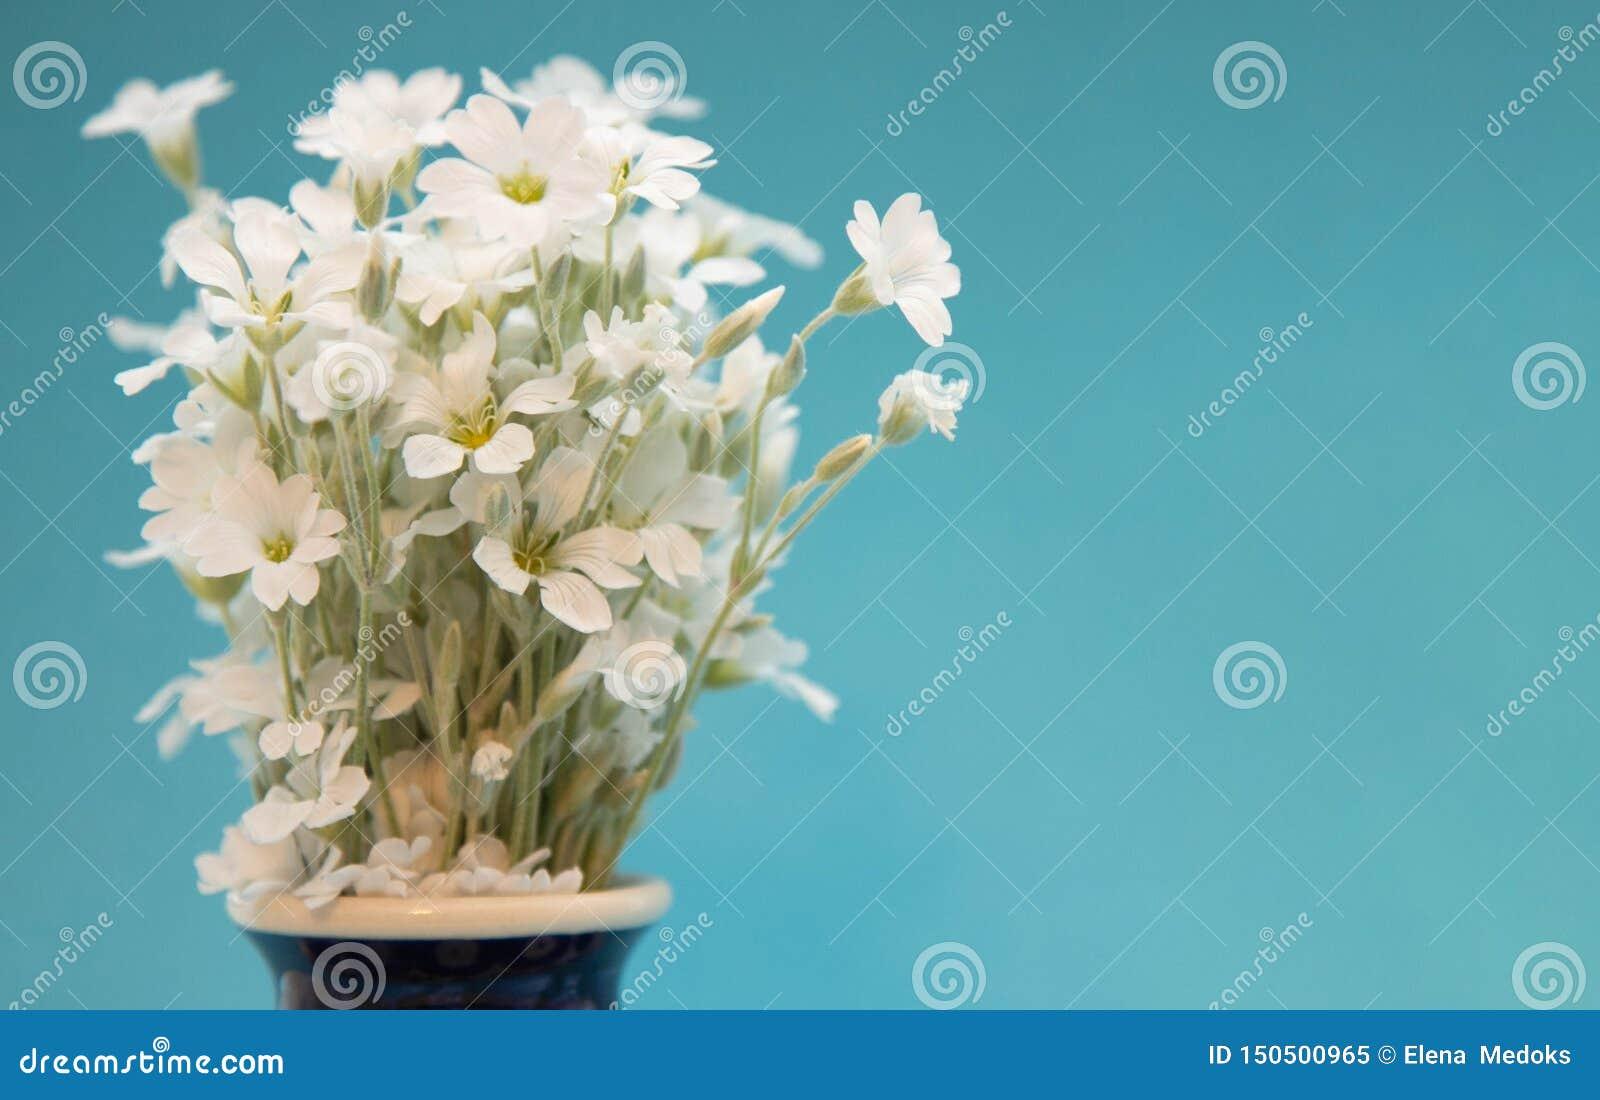 Witte kleine bloemen in een vaas Een boeket van bloemenyaskolki in een ceramische vaasclose-up Bloemen in een blauwe vaas met een